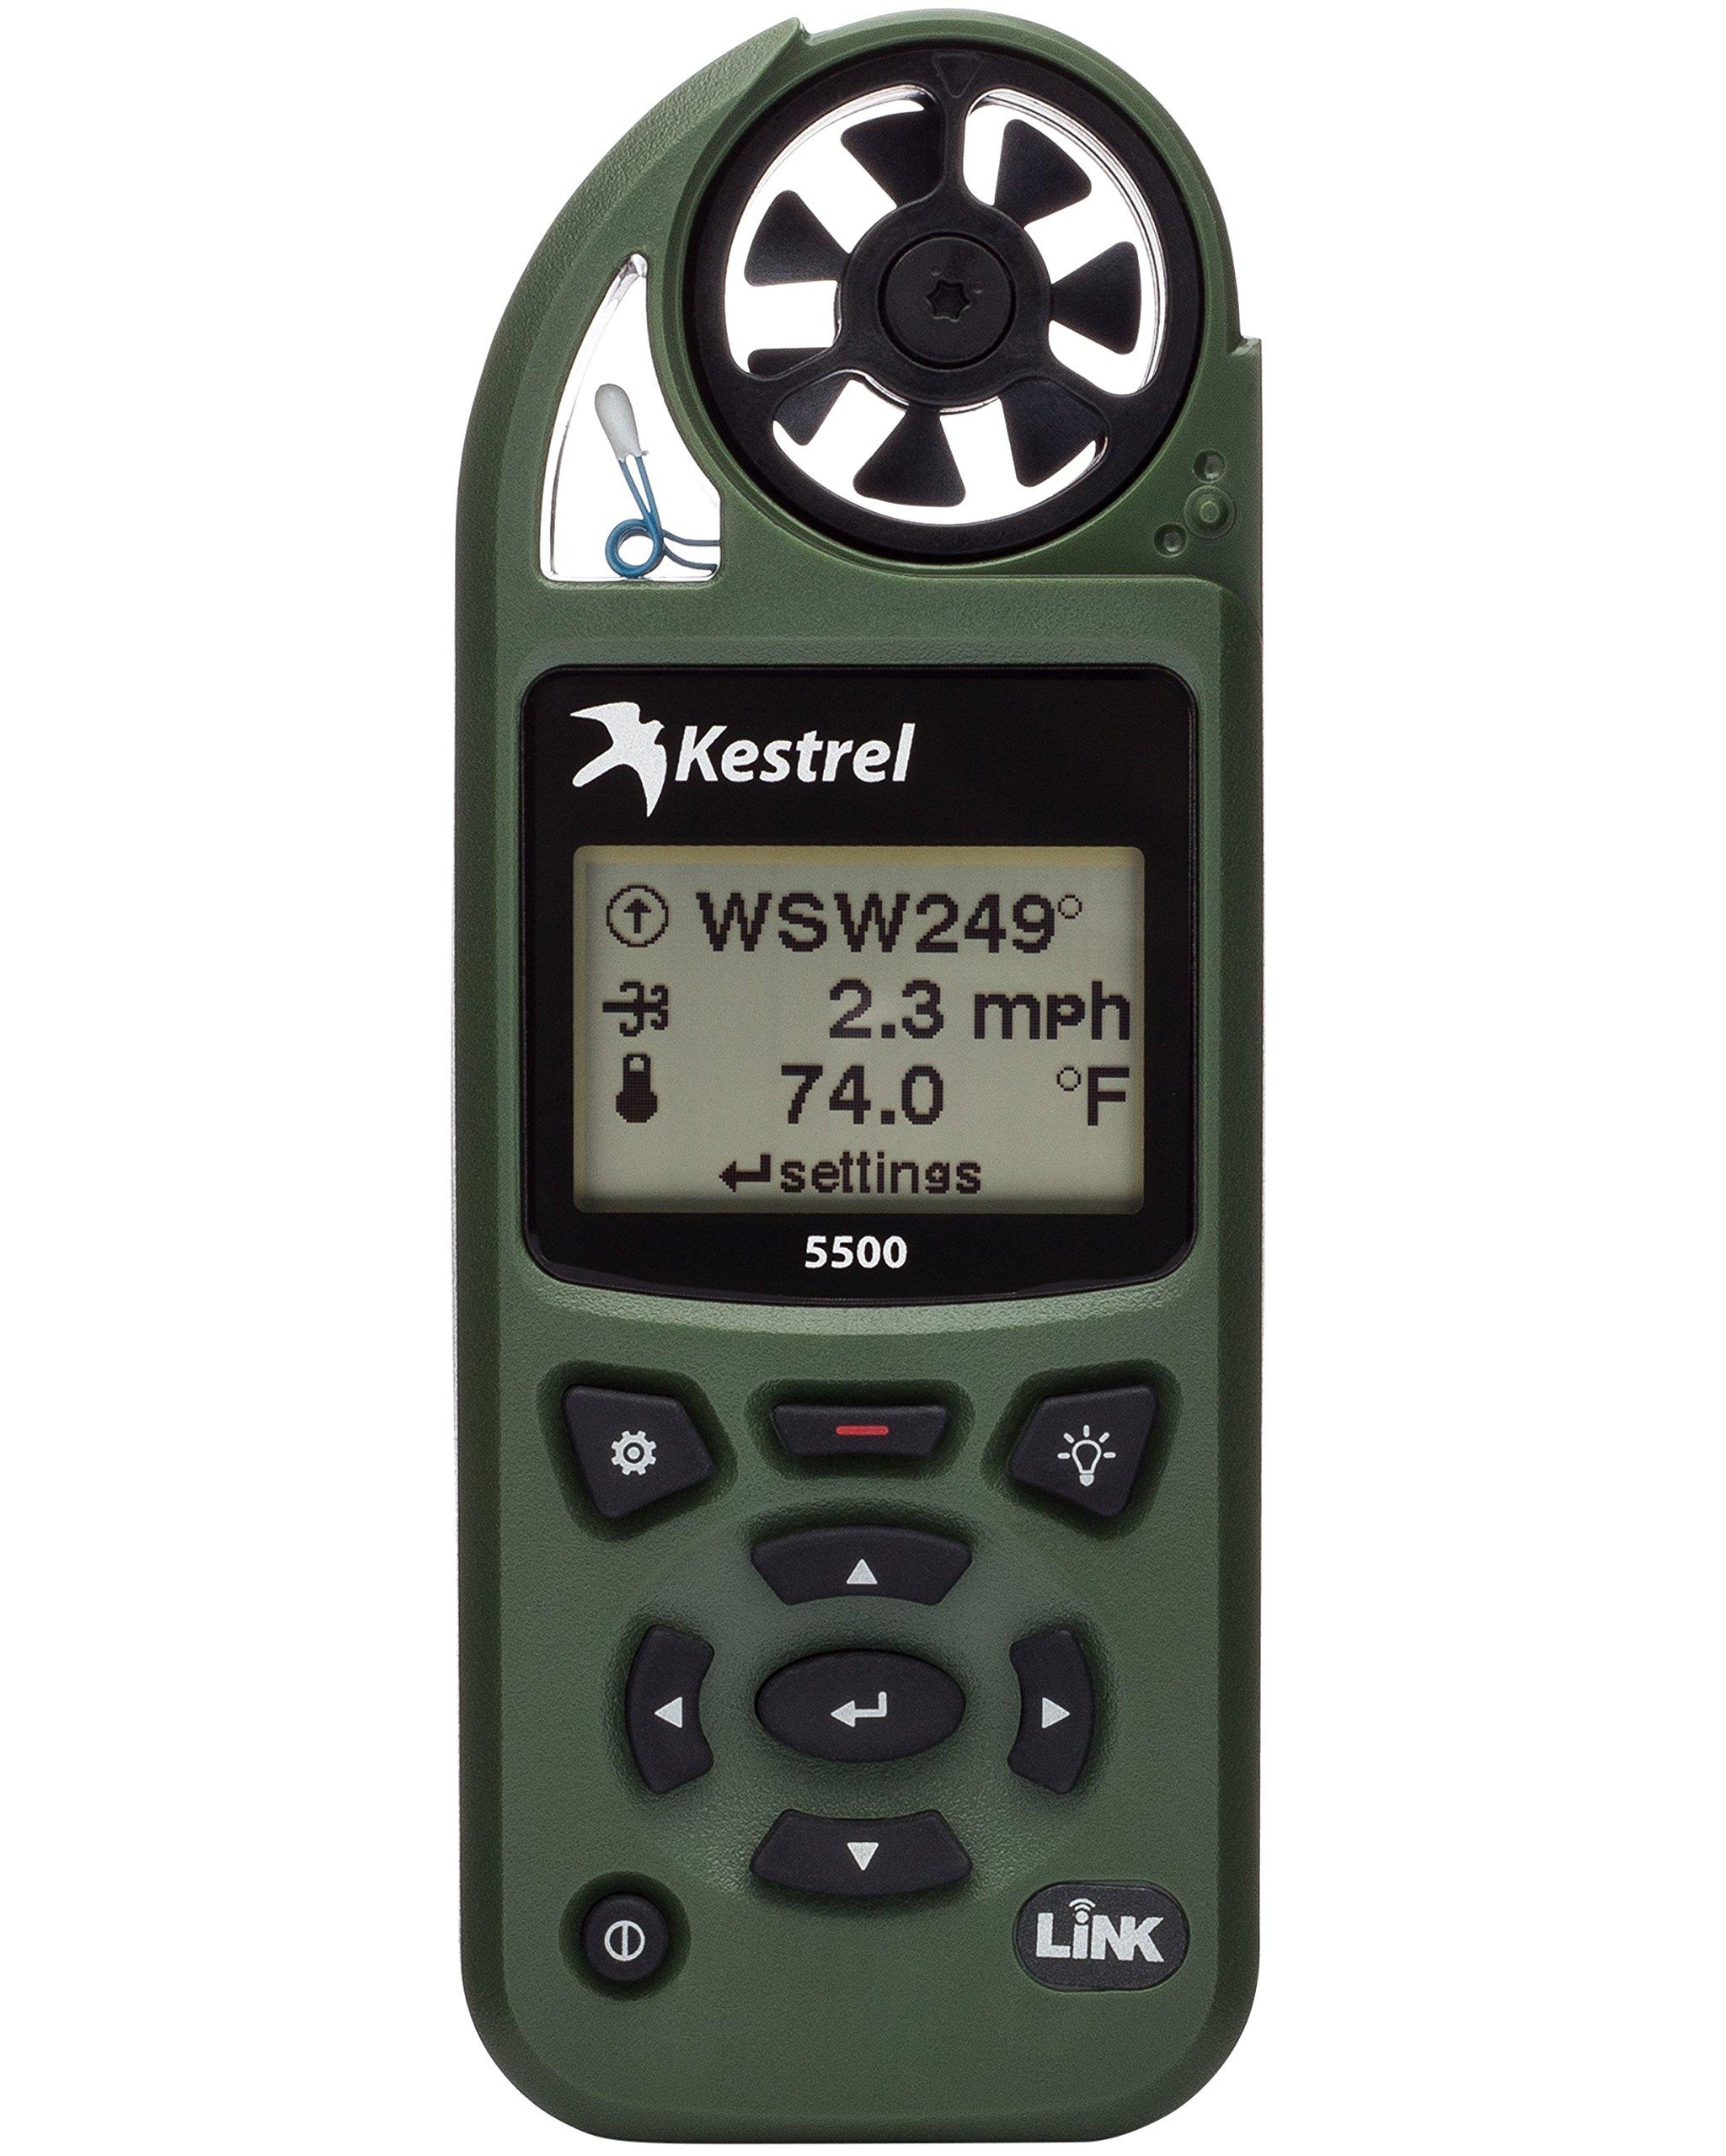 Kestrel 5500 Pocket Weather Meter with Link and Vane Mount, Olive Drab by Kestrel